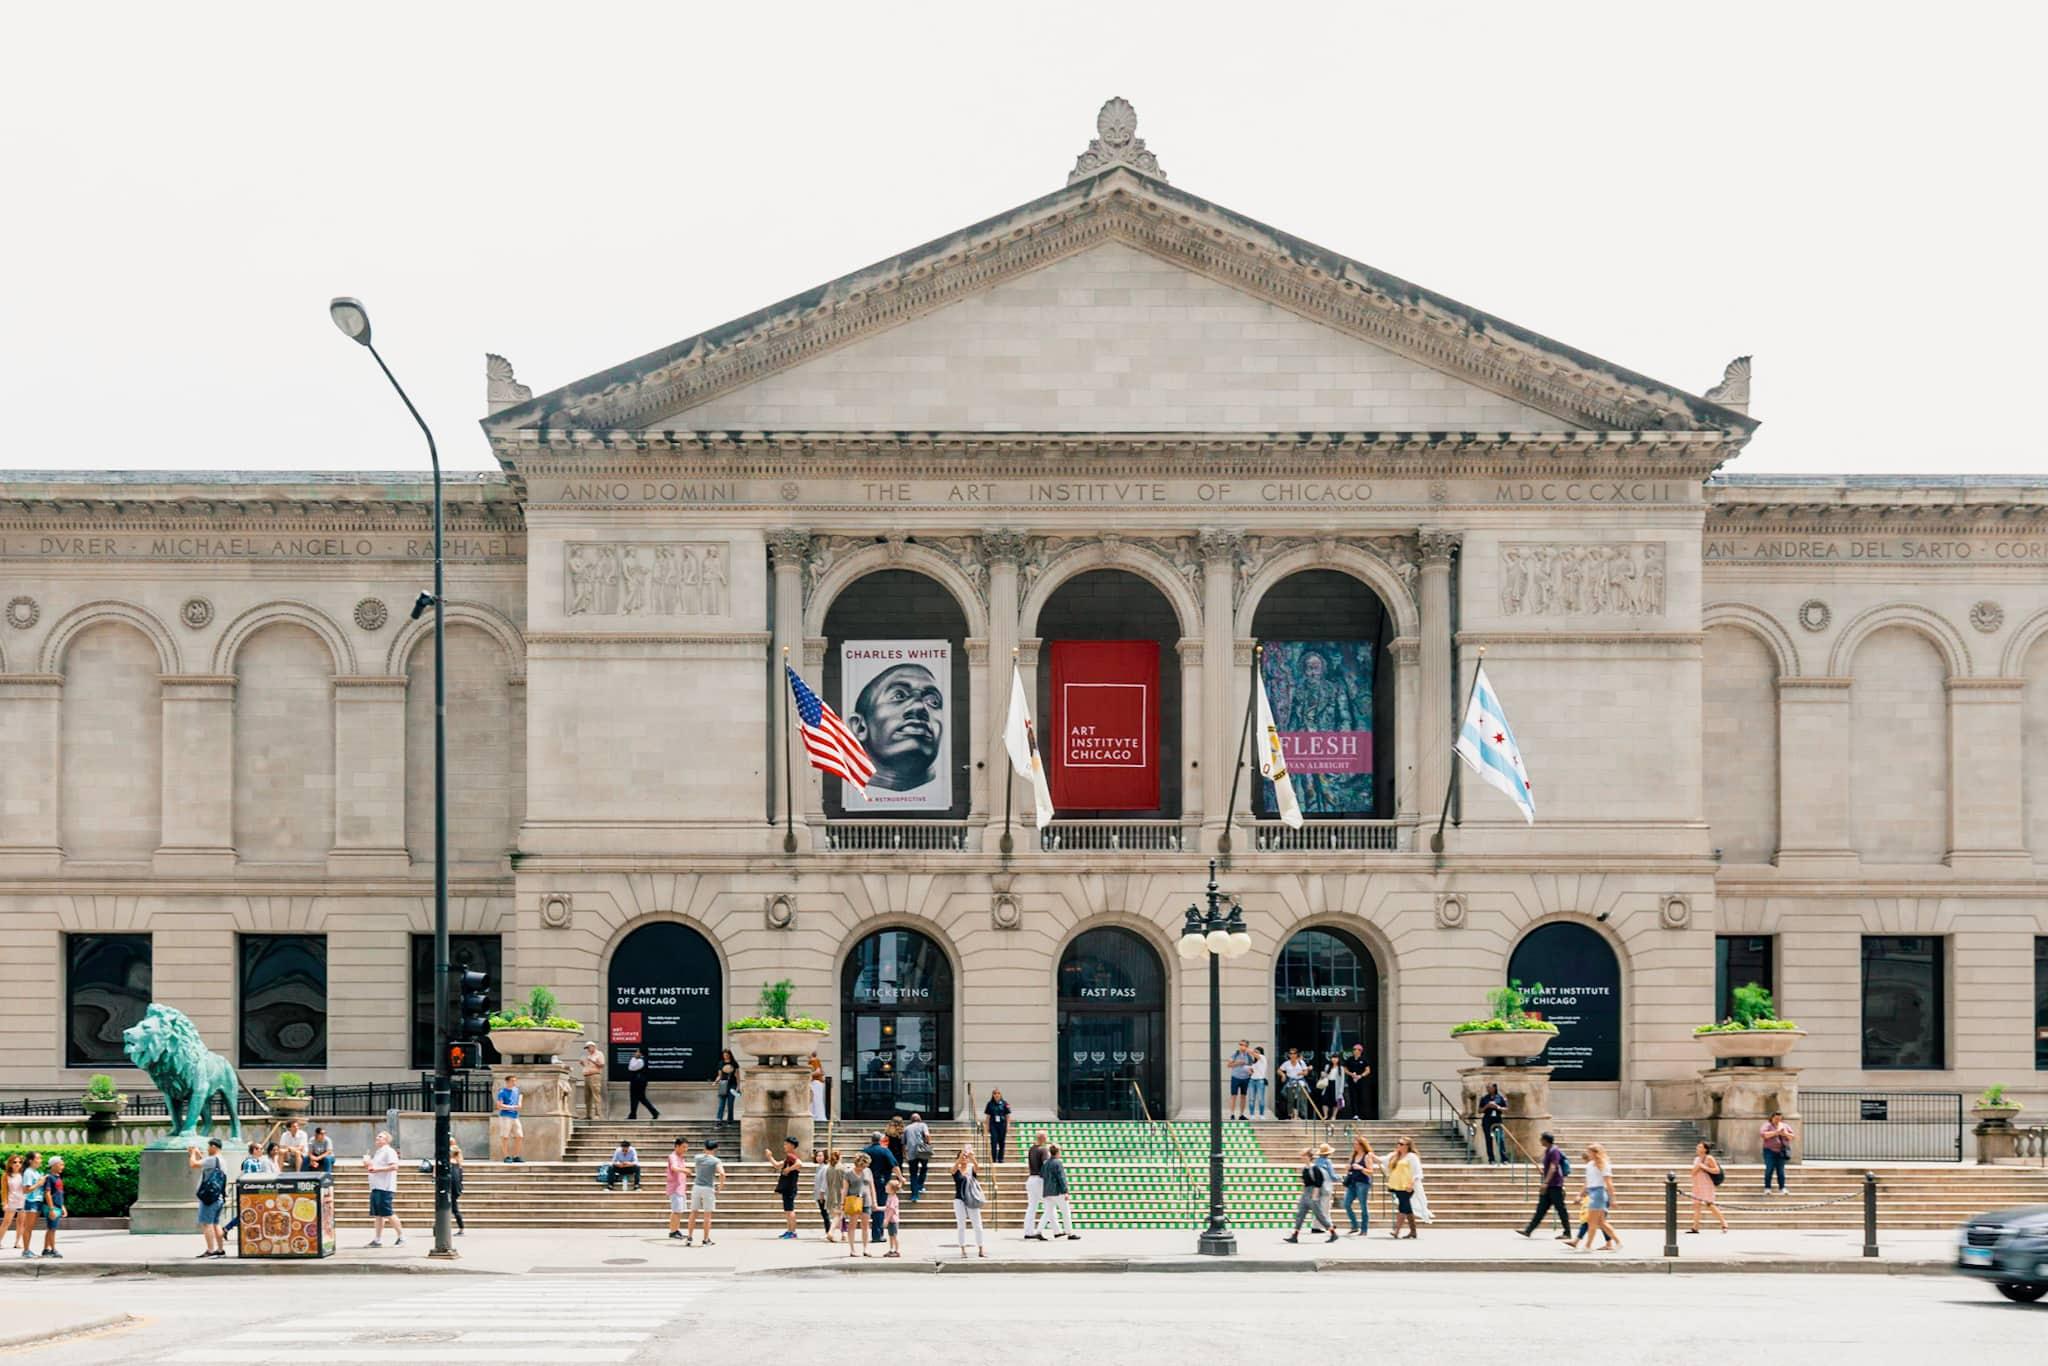 Chicago City Pass Art Institute Museum